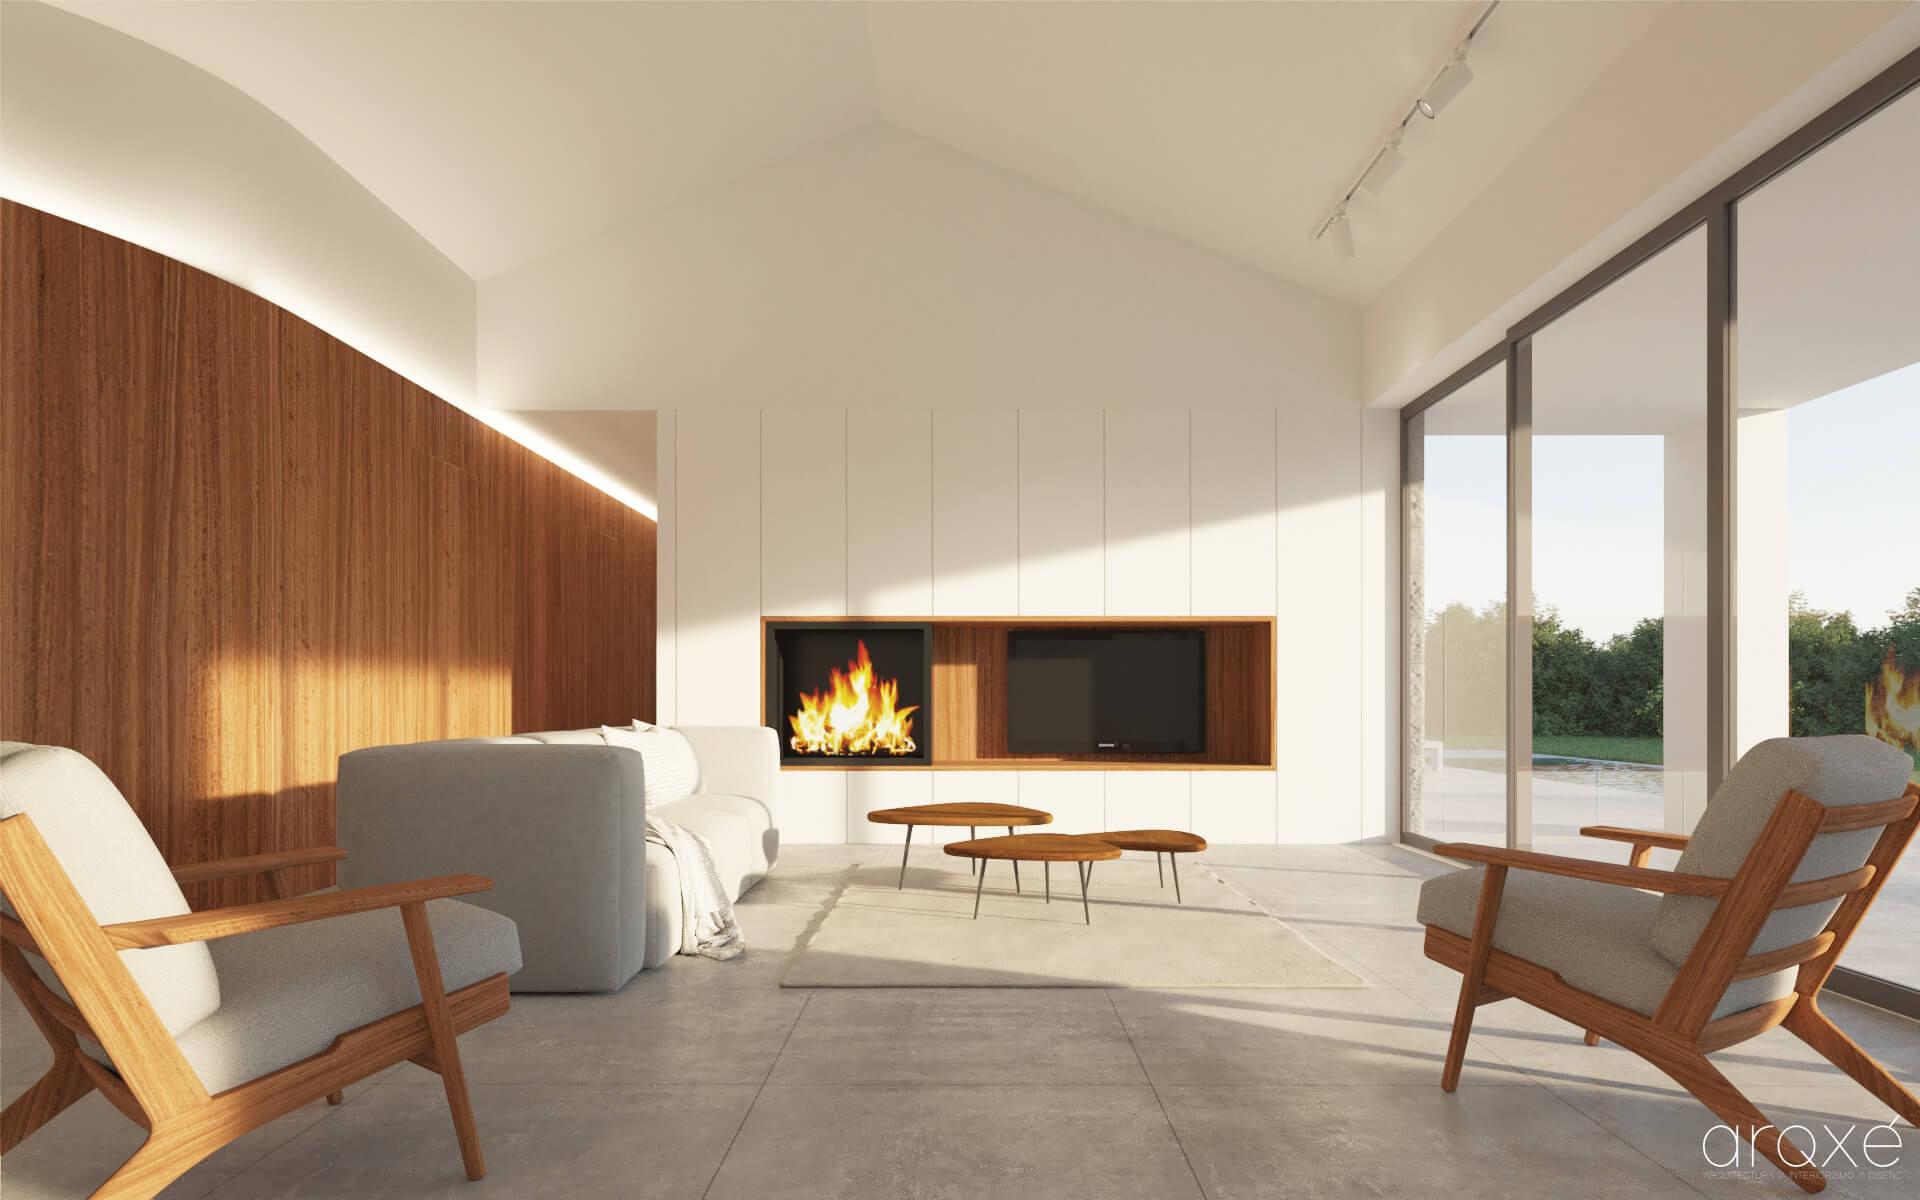 arqxe_arquitectura_casa_tomino5.jpg